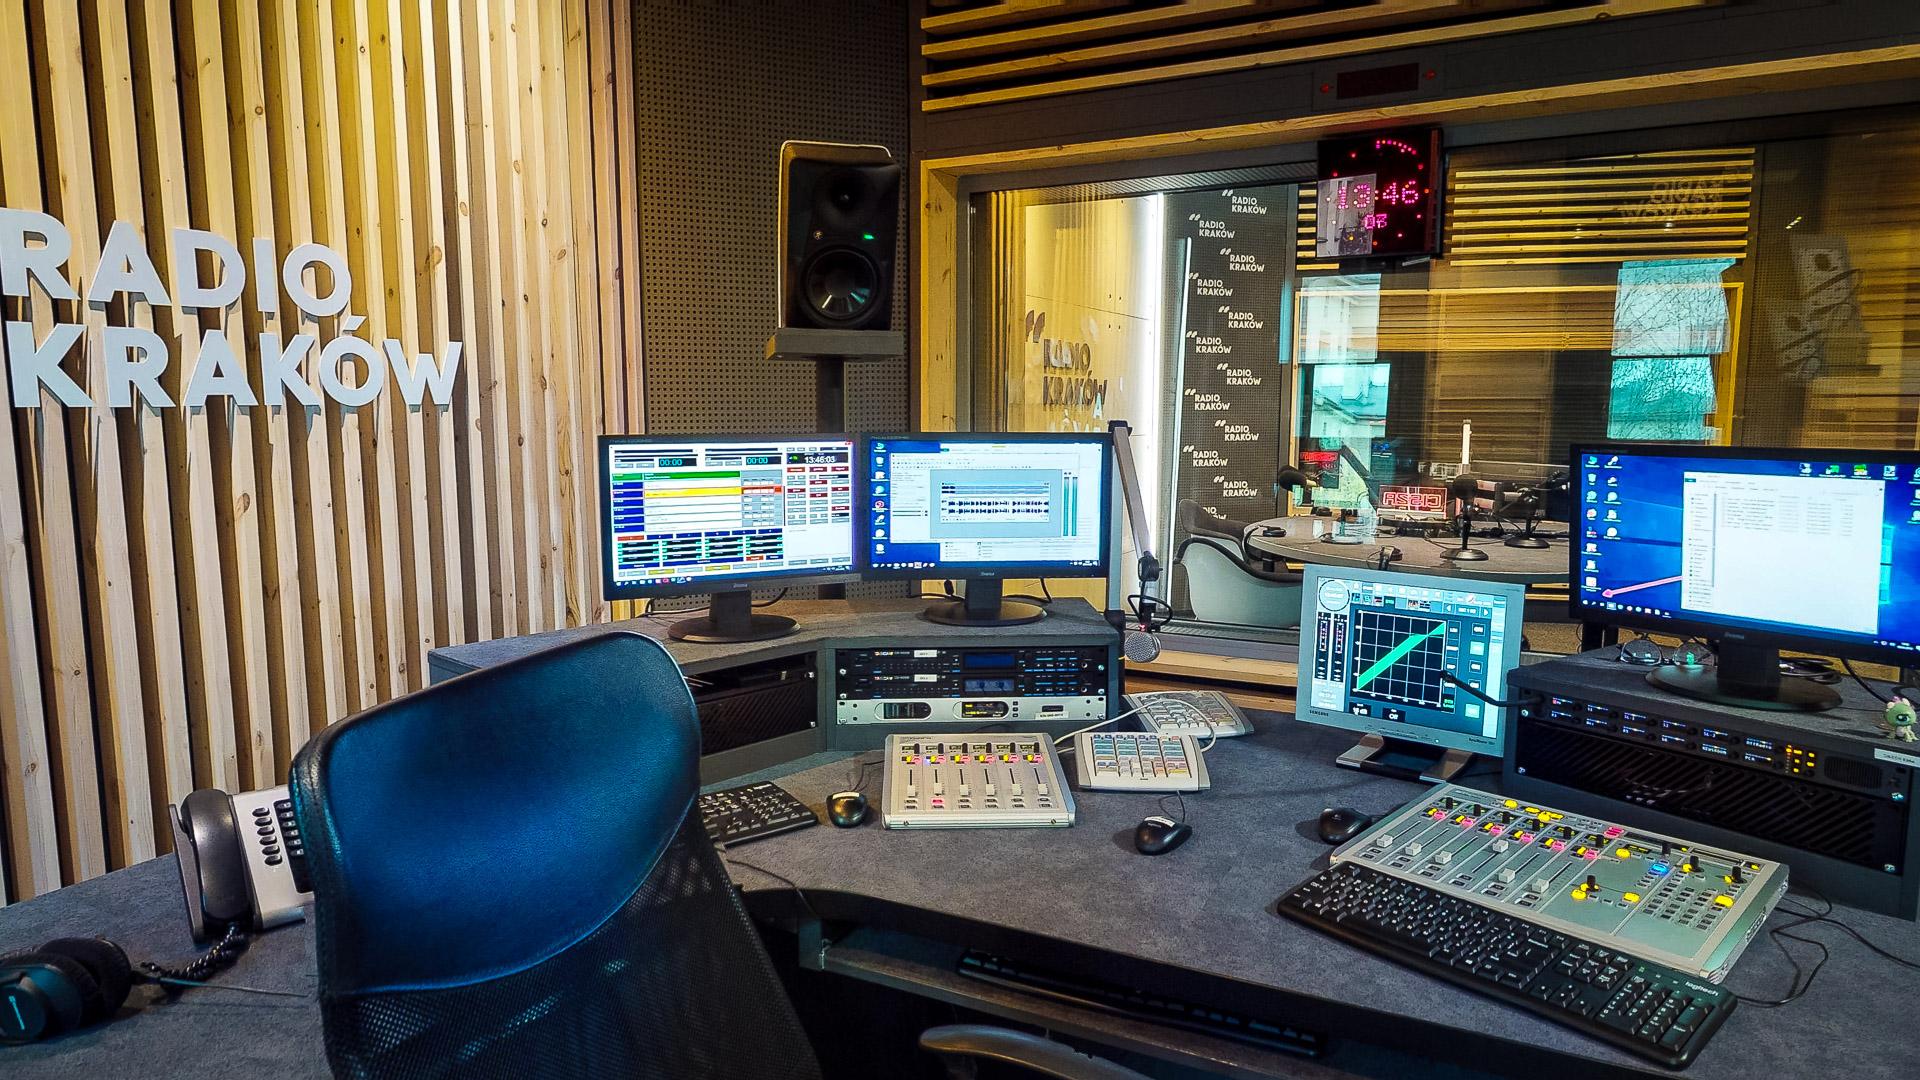 Radio Kraków wirtualna wizyta